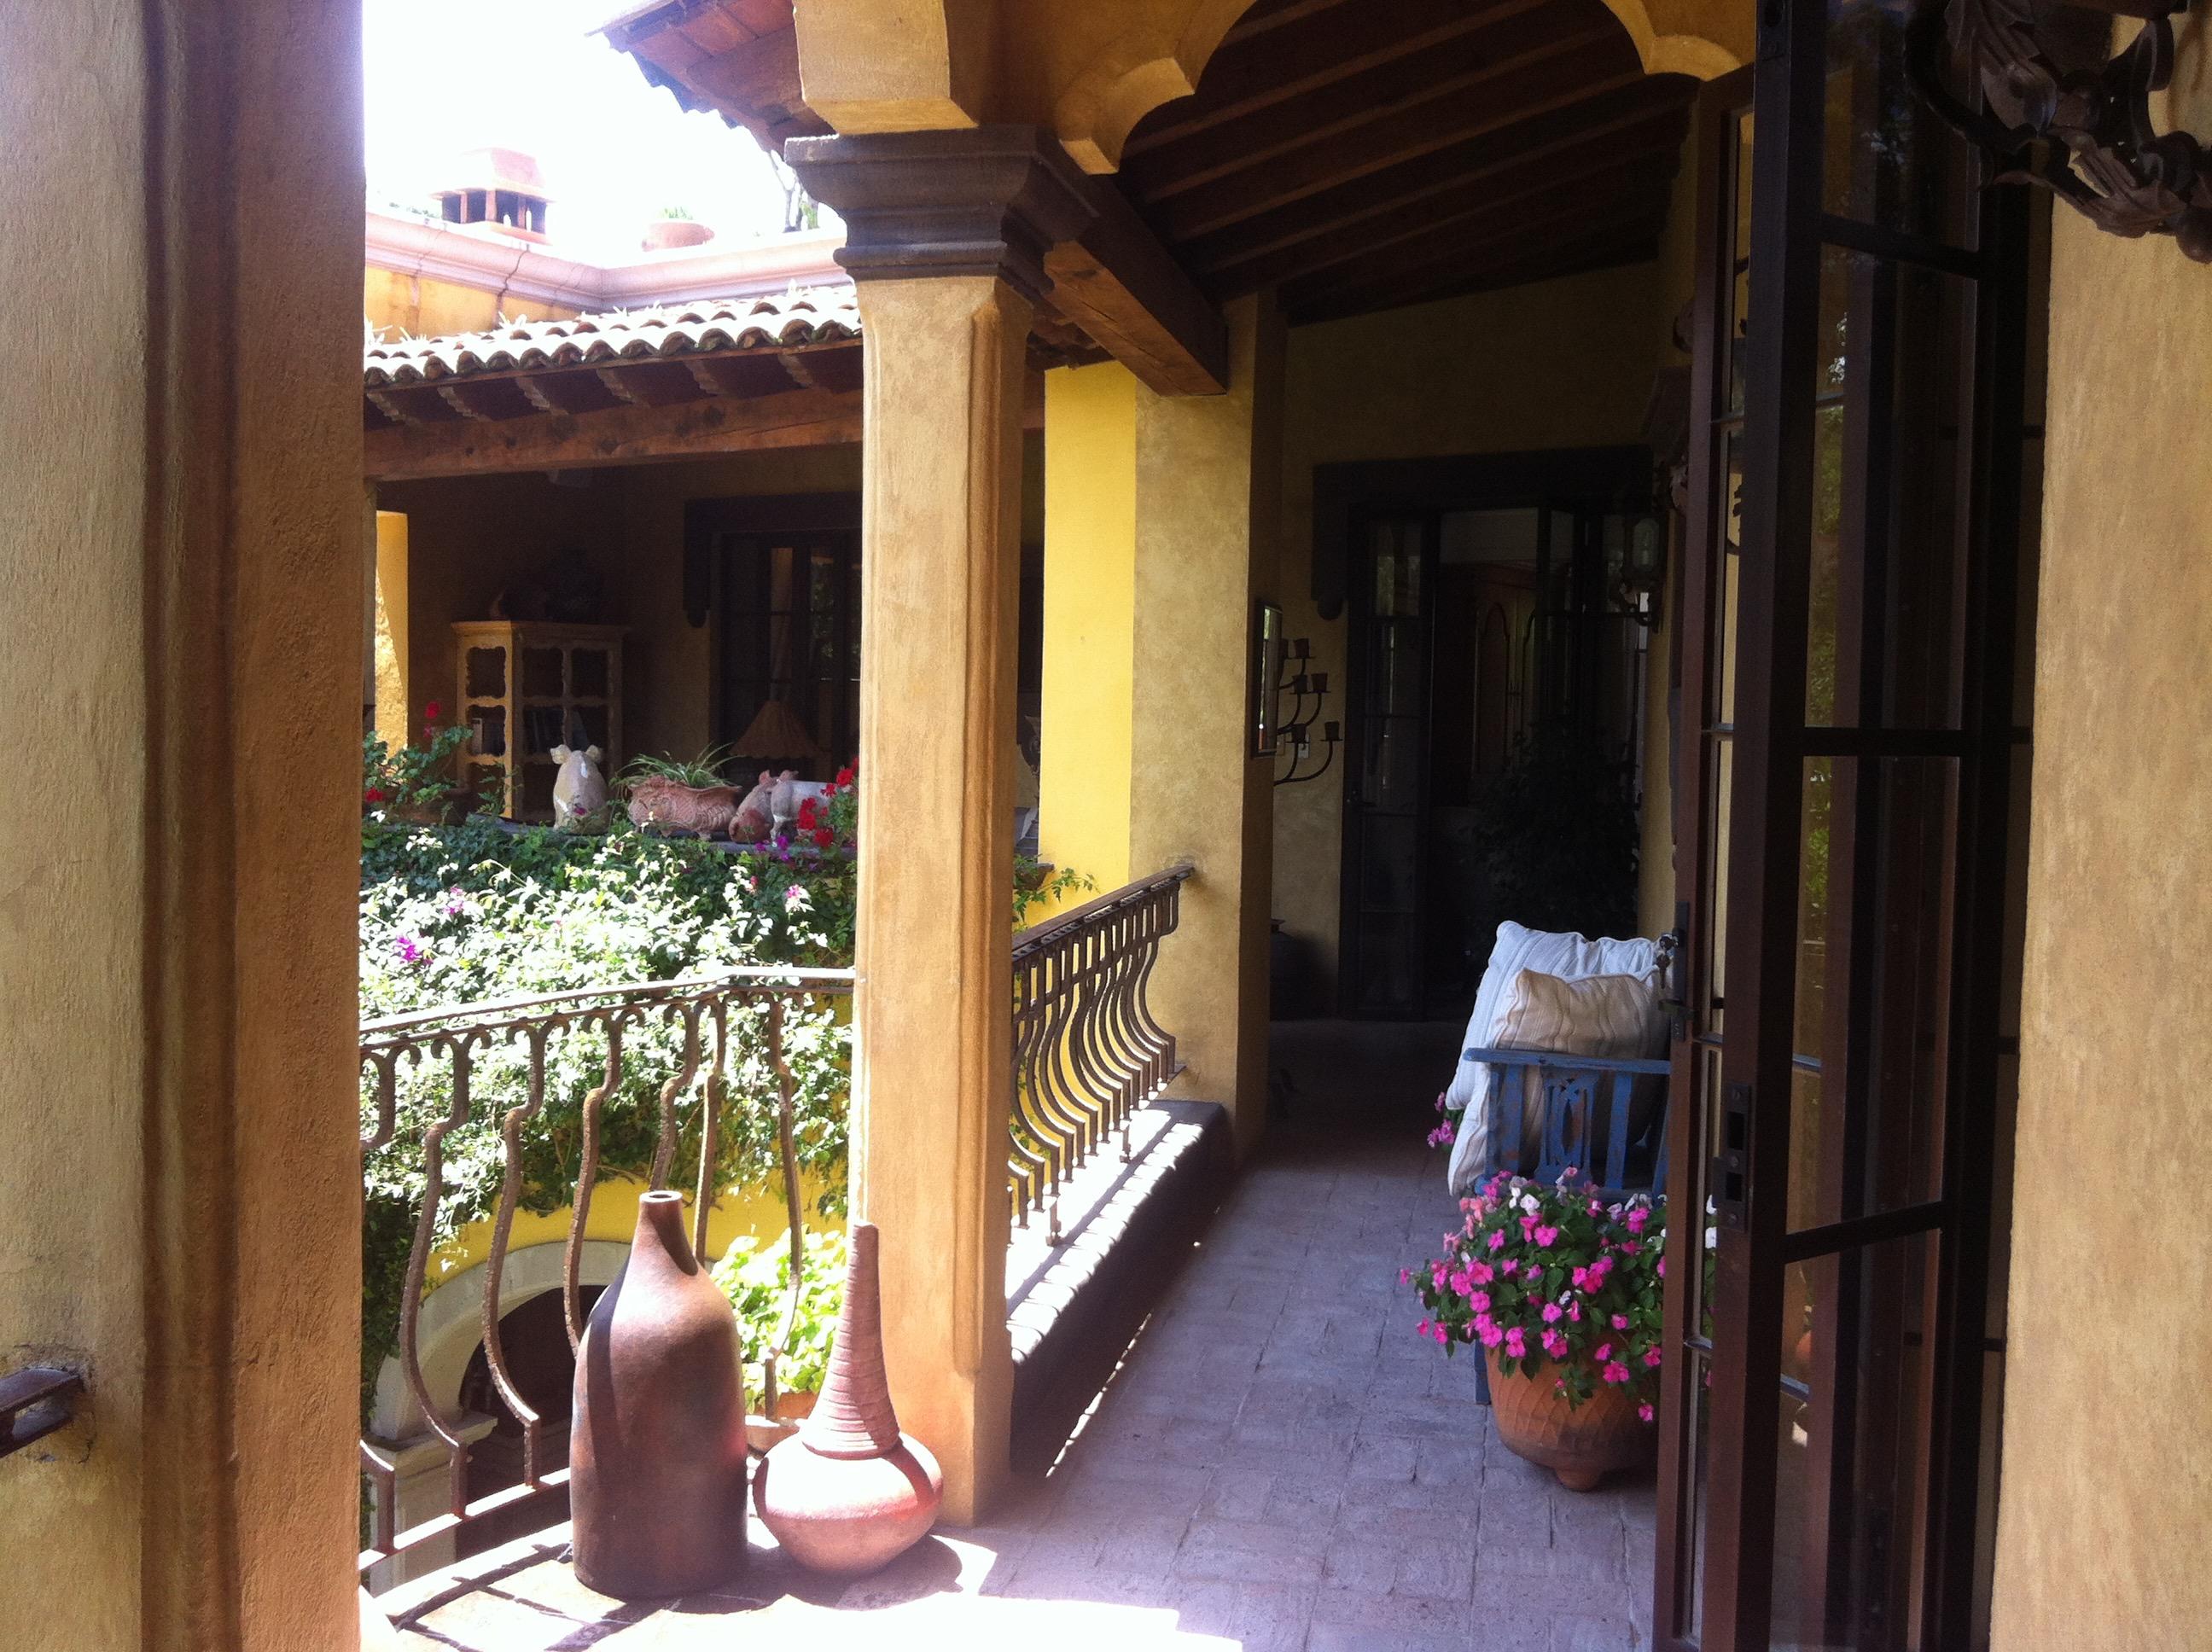 villaclarabella_22 veranda 2nd floor